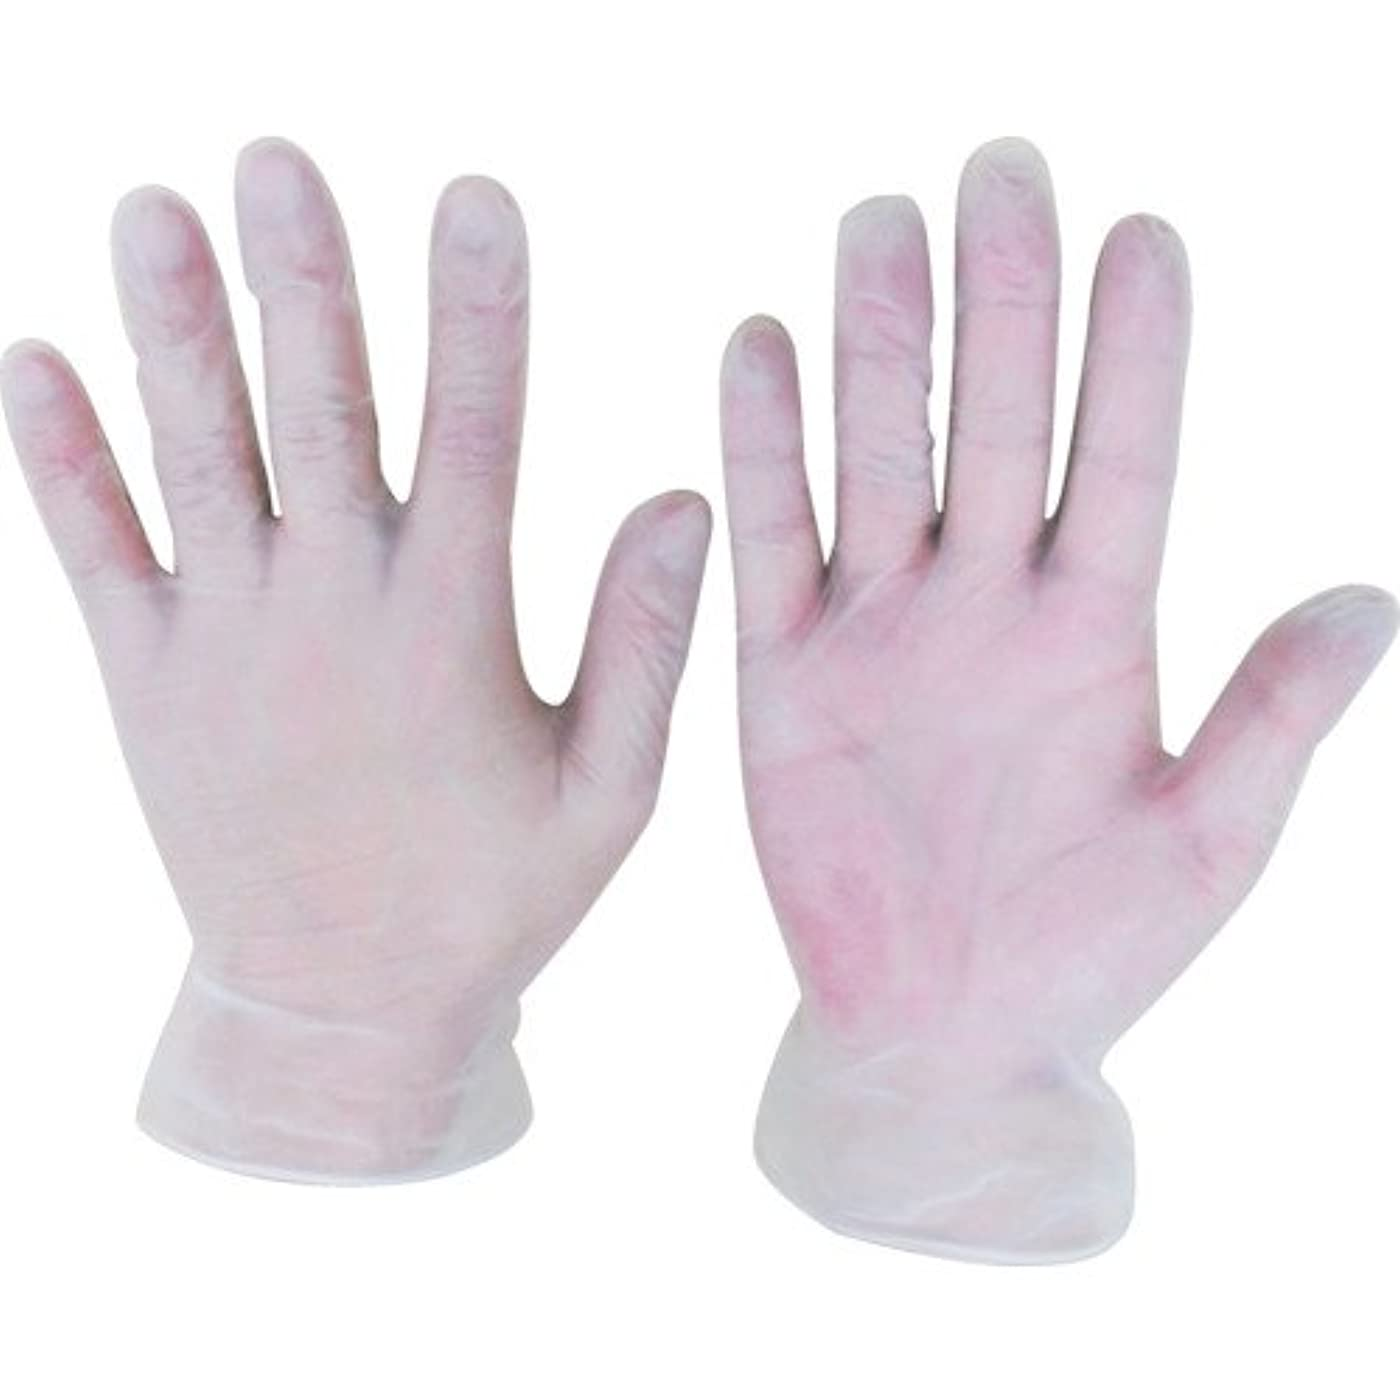 ほのめかす恩恵荒廃するシンガー USプラスチック ディスポ手袋 201(100枚入)S